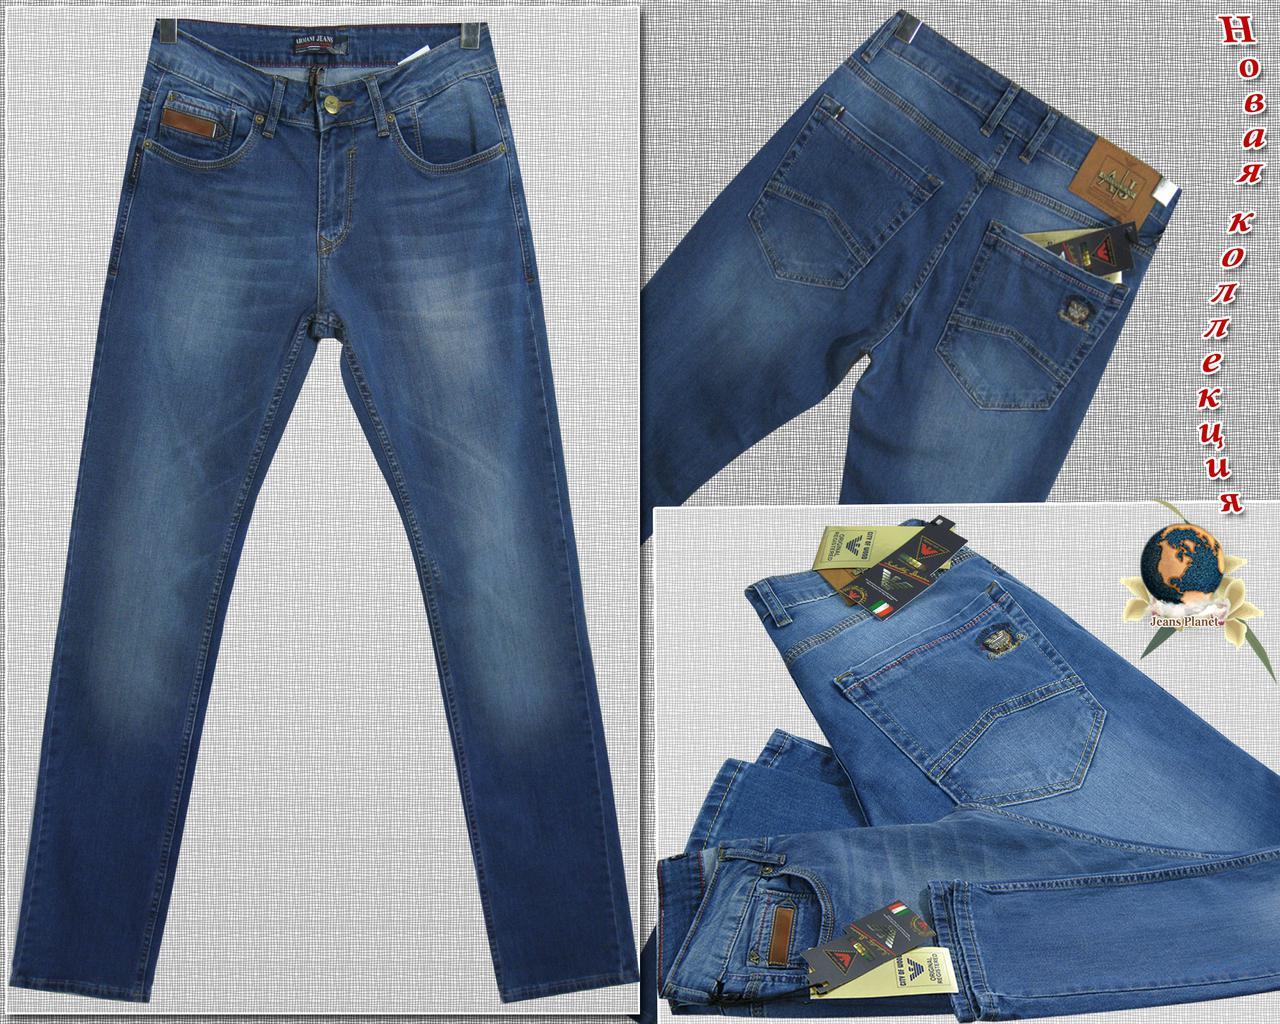 040523a448c Джинсы мужские классические Armani светло-синего цвета - Jeans Planet  -джинсовая одежда для всей